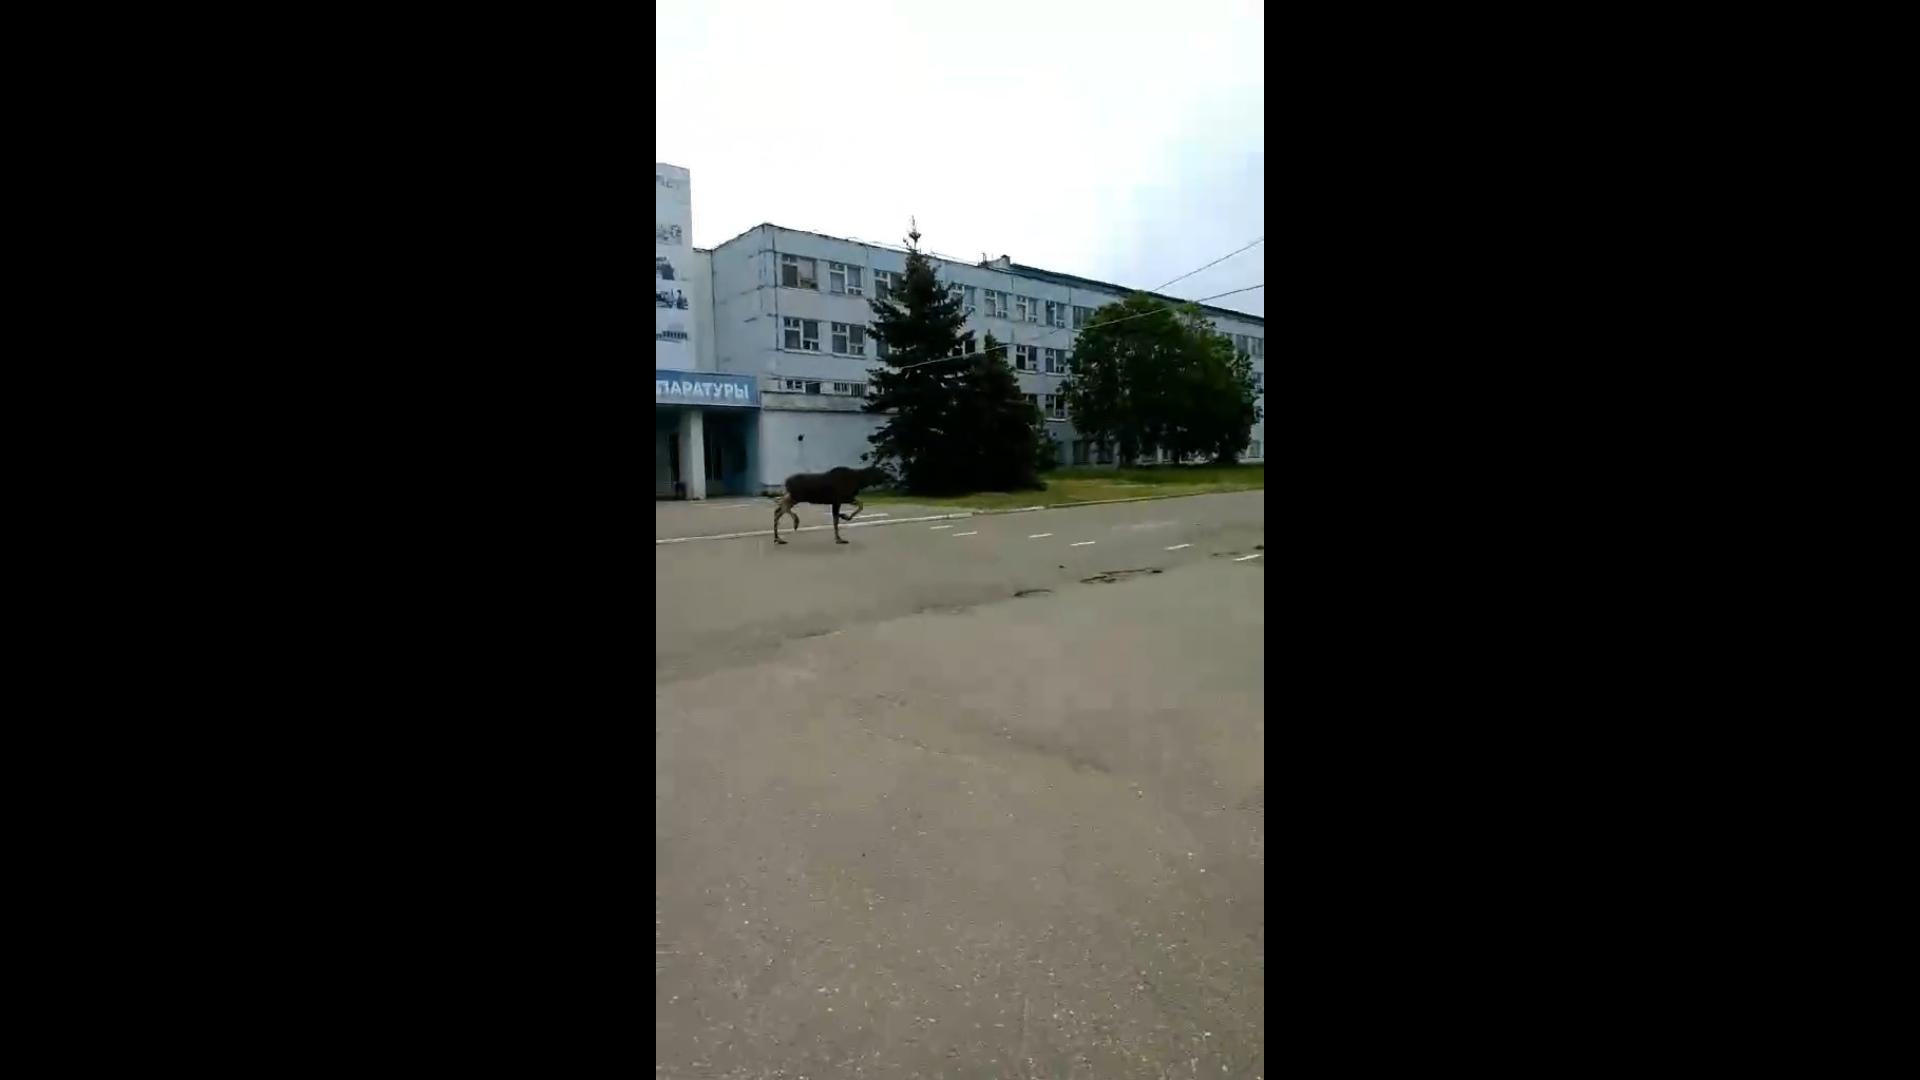 «Ракетного топлива глотнул и побежал»: в Ярославле у завода заметили еще одного лося